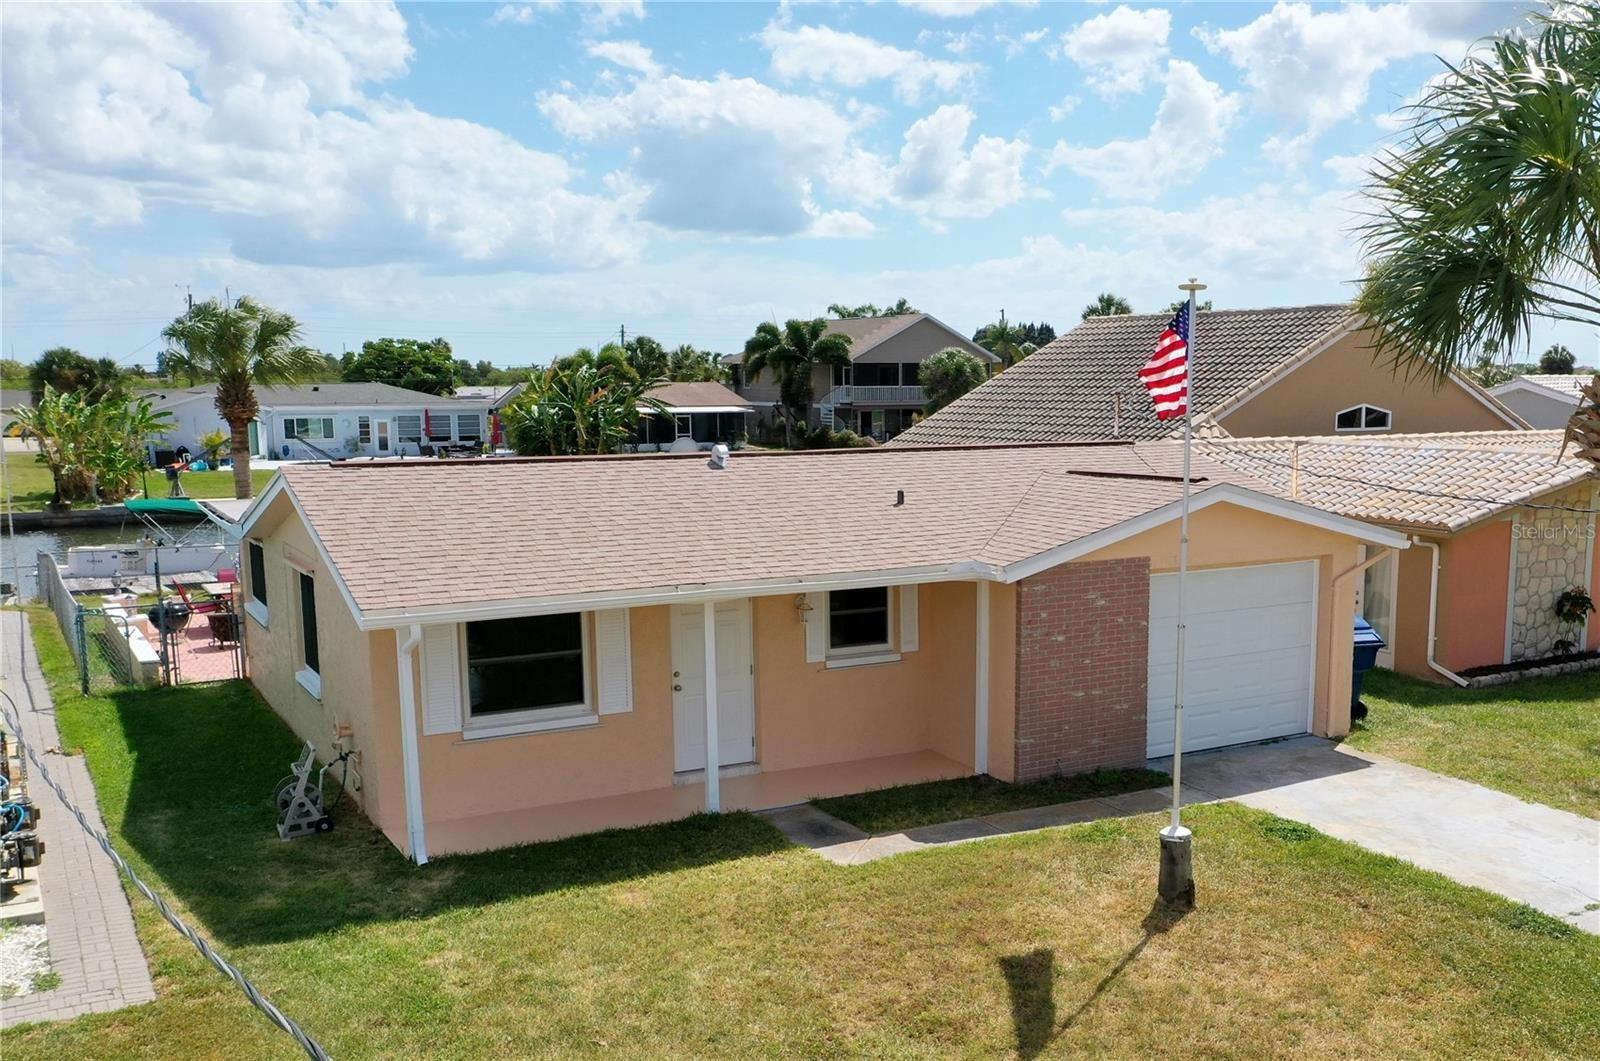 4156 FLORAMAR TERRACE, New Port Richey, FL 34652 - #: W7833910